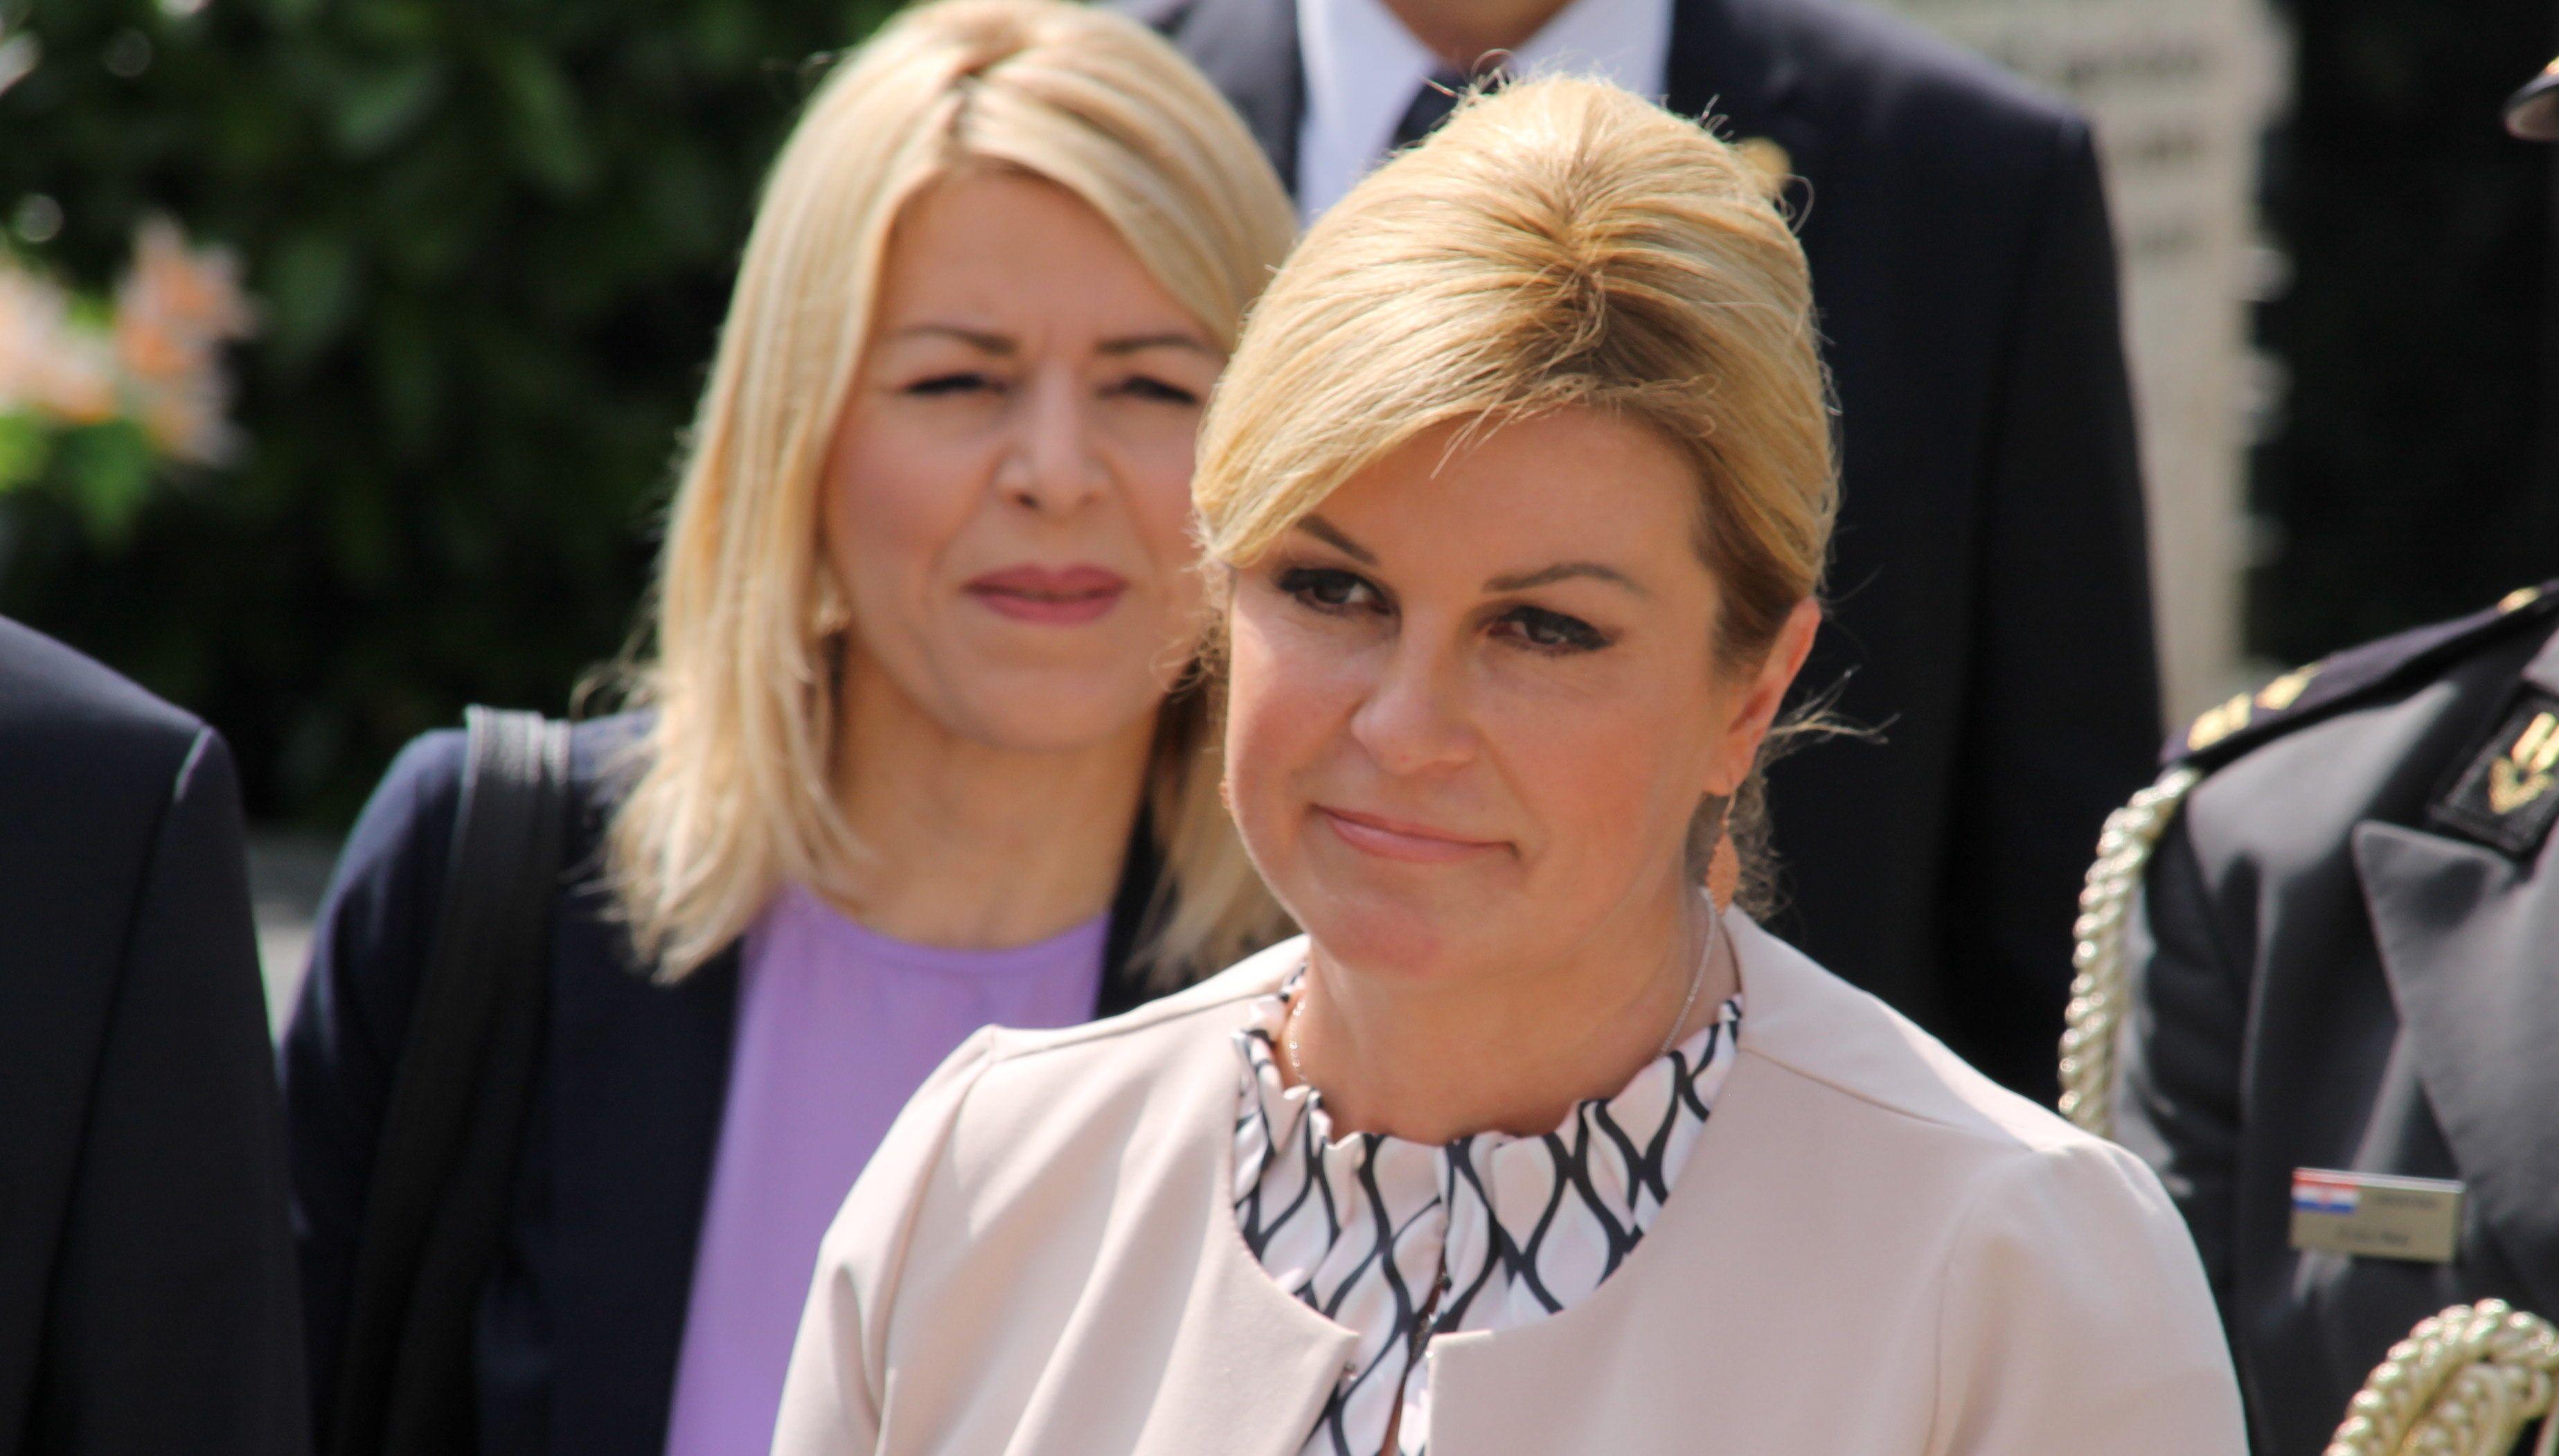 """Predsjednica Grabar-Kitarović oštro osudila svako nasilje u povodu šesterostrukog ubojstva: """"Zgrožena sam strašnom tragedijom u kojoj je bešćutno pobijena cijela obitelj"""""""